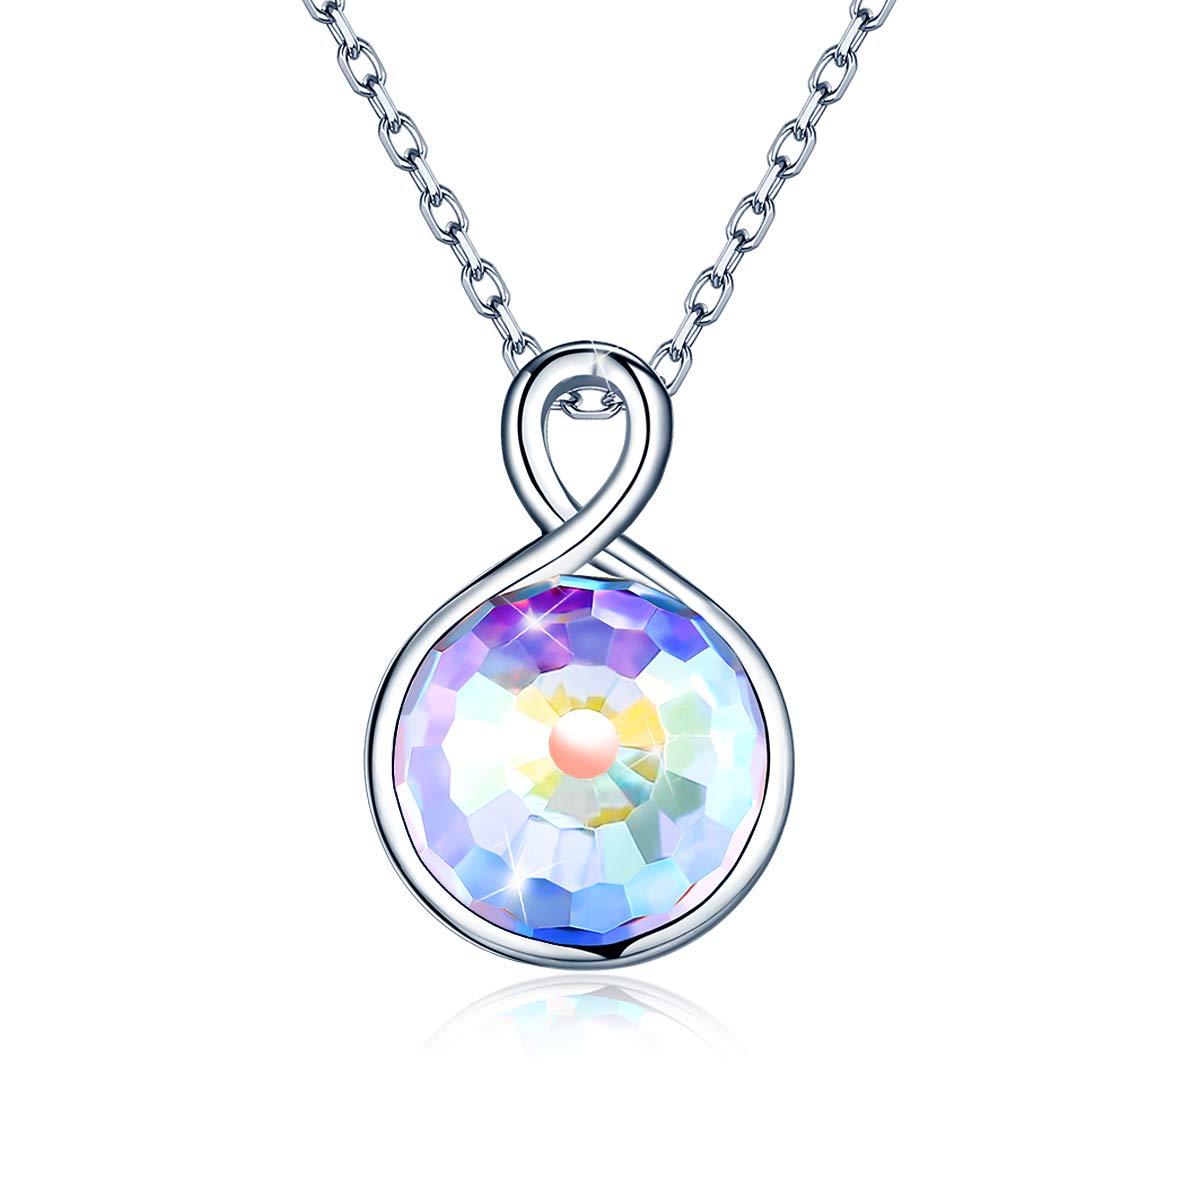 d8da722a1e1aa Infinity Love Cristaux Collier, 925 Sterling Silver Amour Infini Amour  Femmes Pendentif Collier Valentin Anniversaire Cadeaux ...